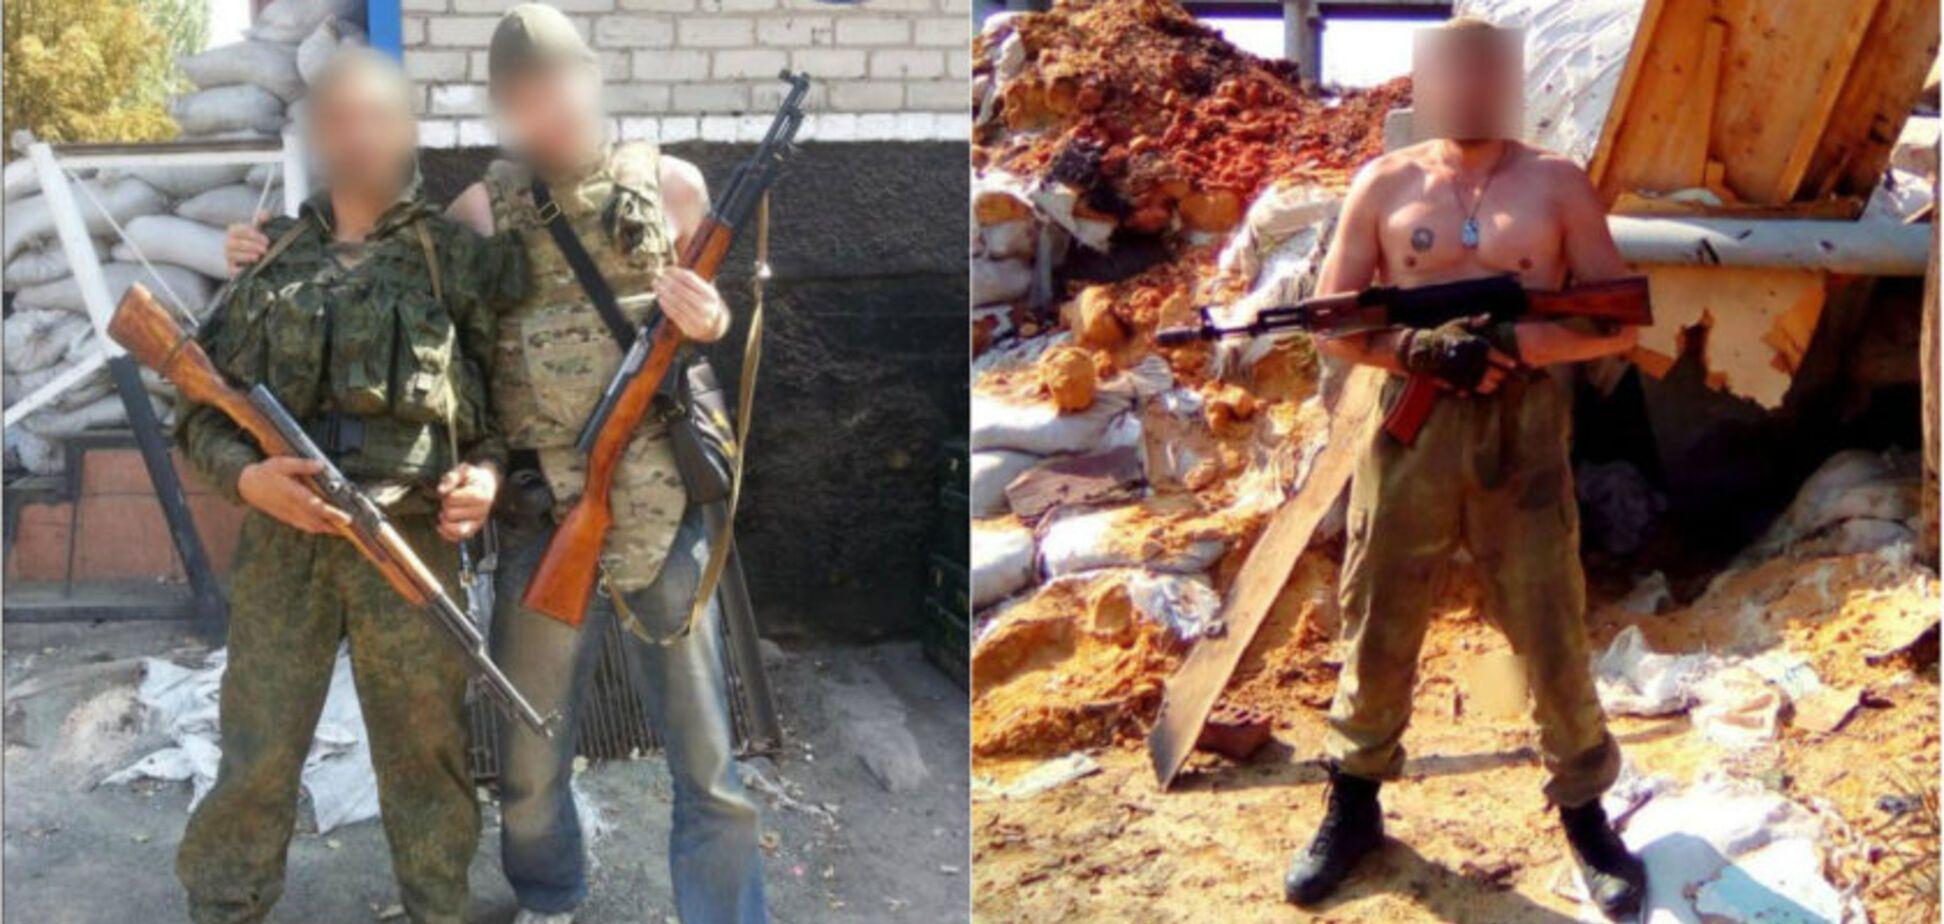 Їдуть заробити: названо кількість молдован, які воюють за 'Л/ДНР'